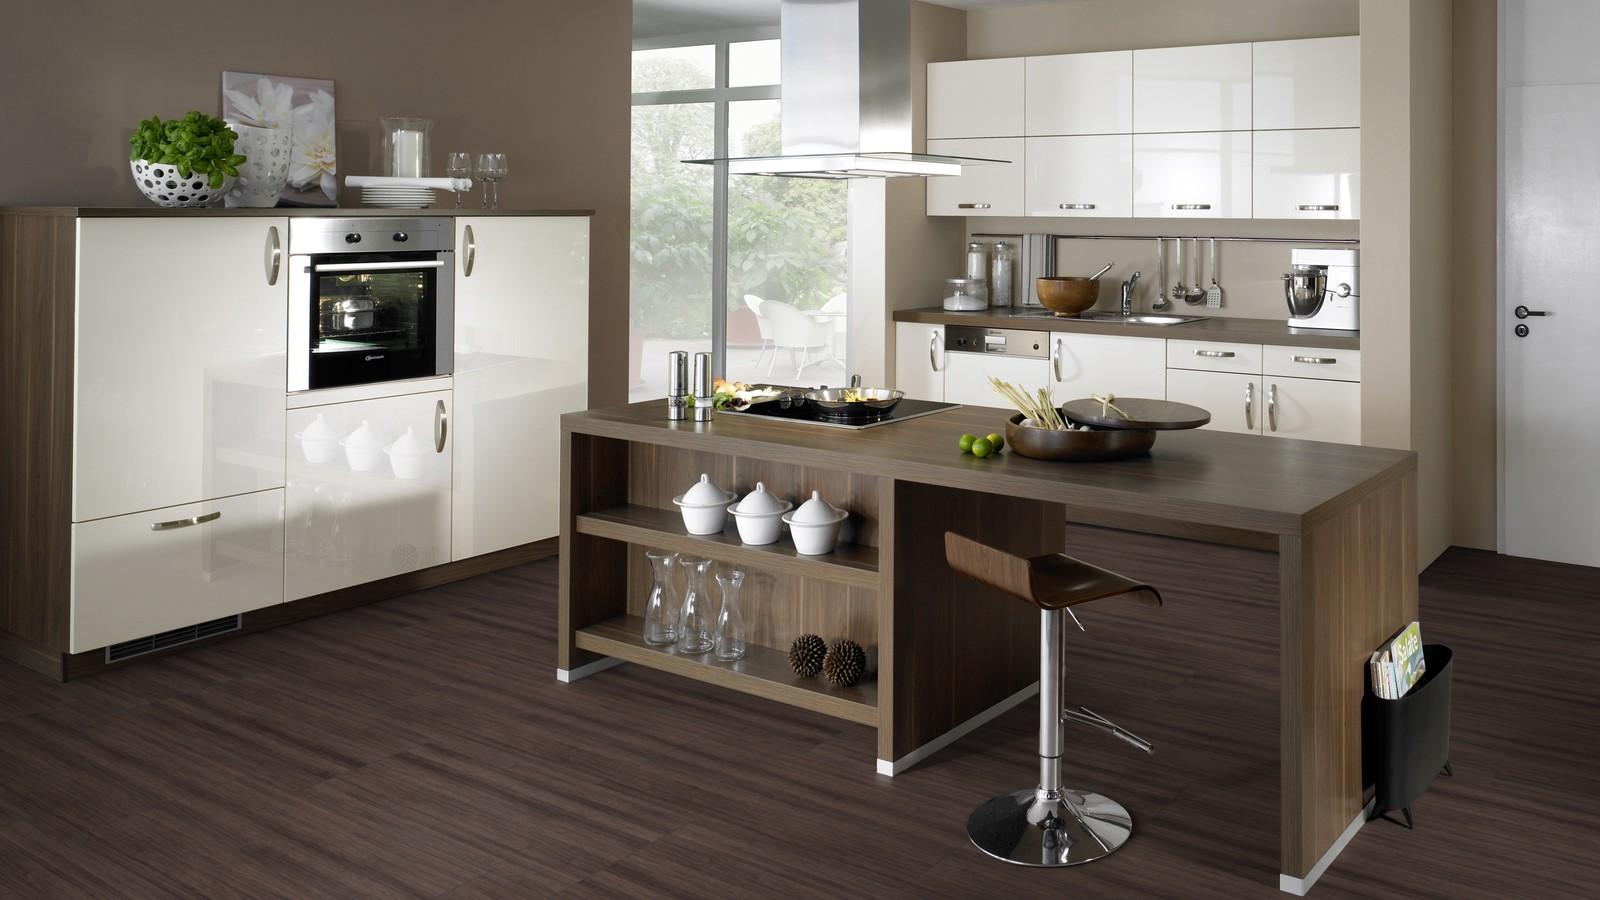 Full Size of Bodenbelag Küche Esszimmer Küche Boden Schubladen Bodenbelag Küche Obi Kunststoff Bodenbelag Küche Küche Bodenbelag Küche